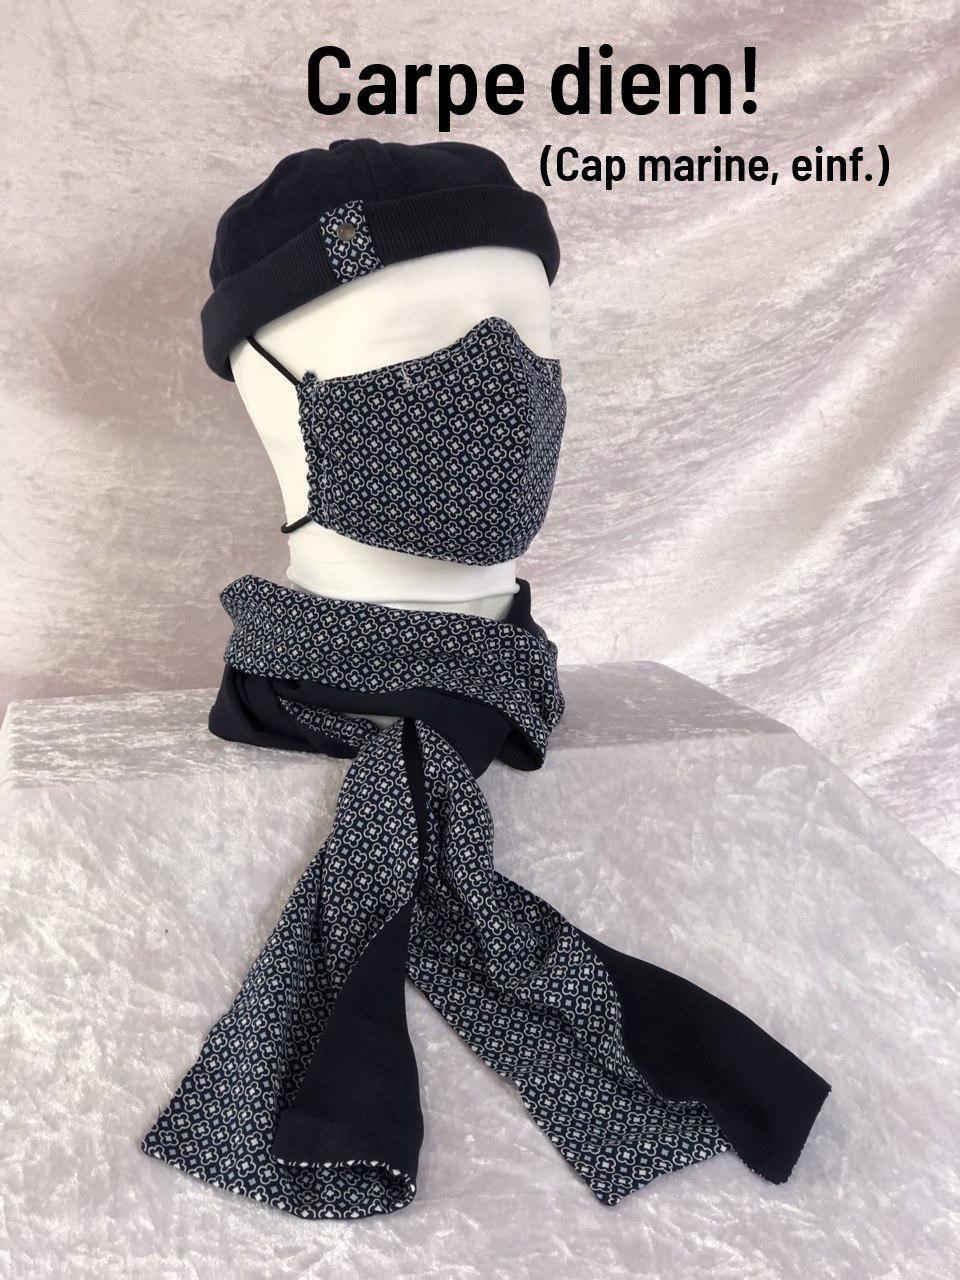 D1 - Maske + Schal + Cap einfach